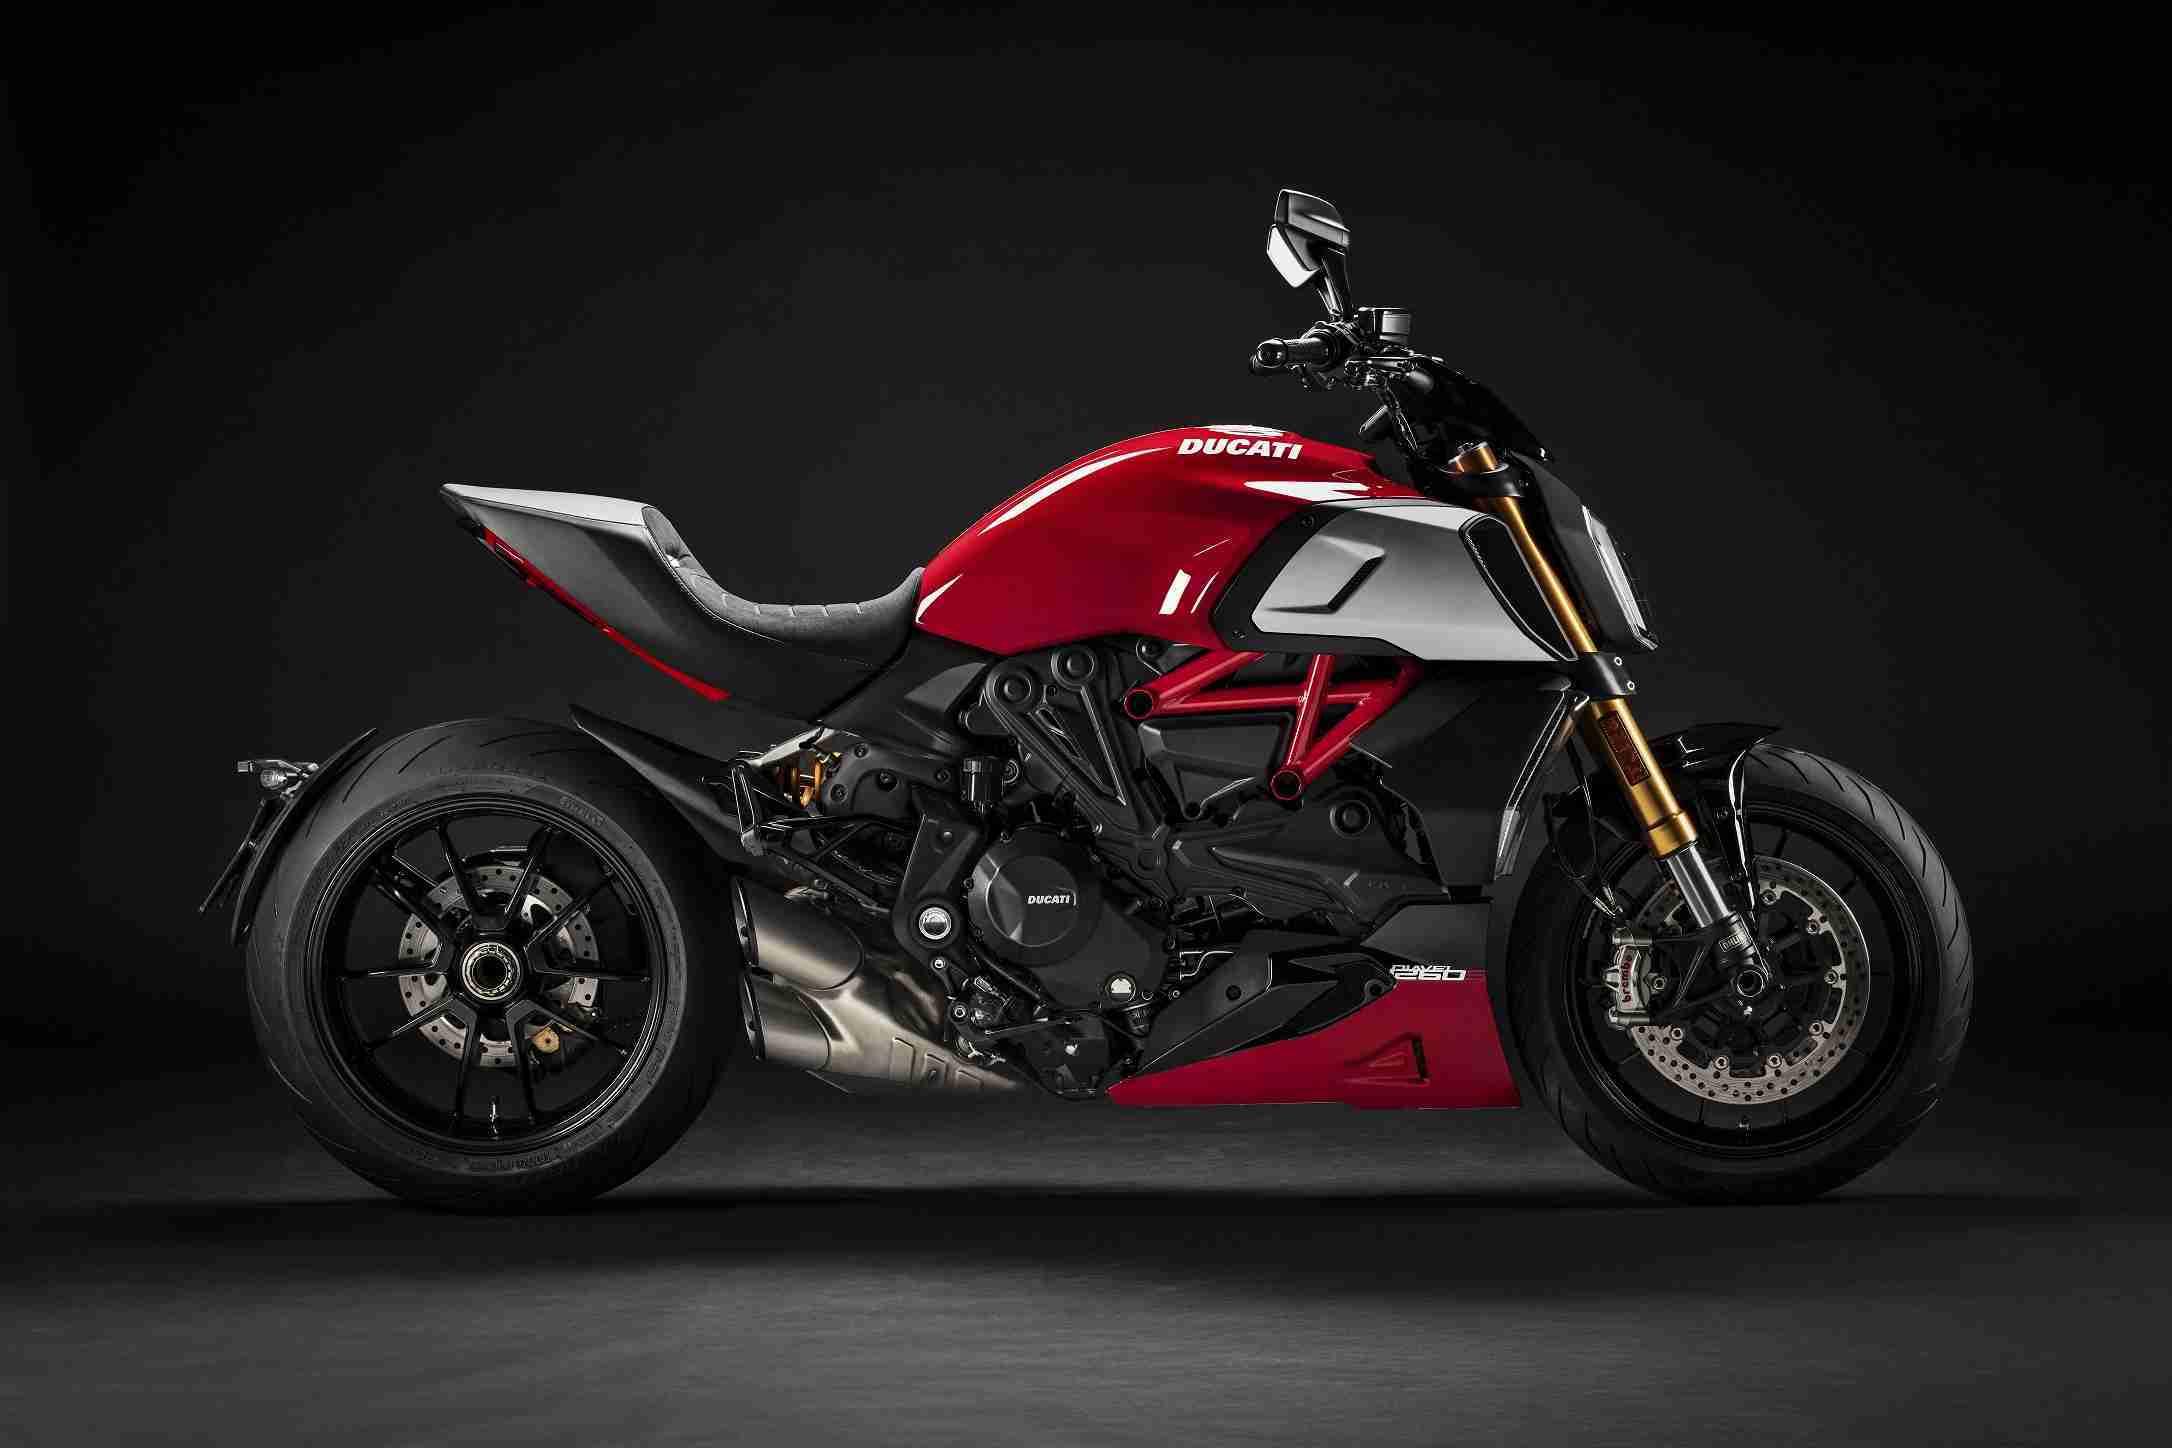 2020-Ducati Diavel 1260 S-ducati red